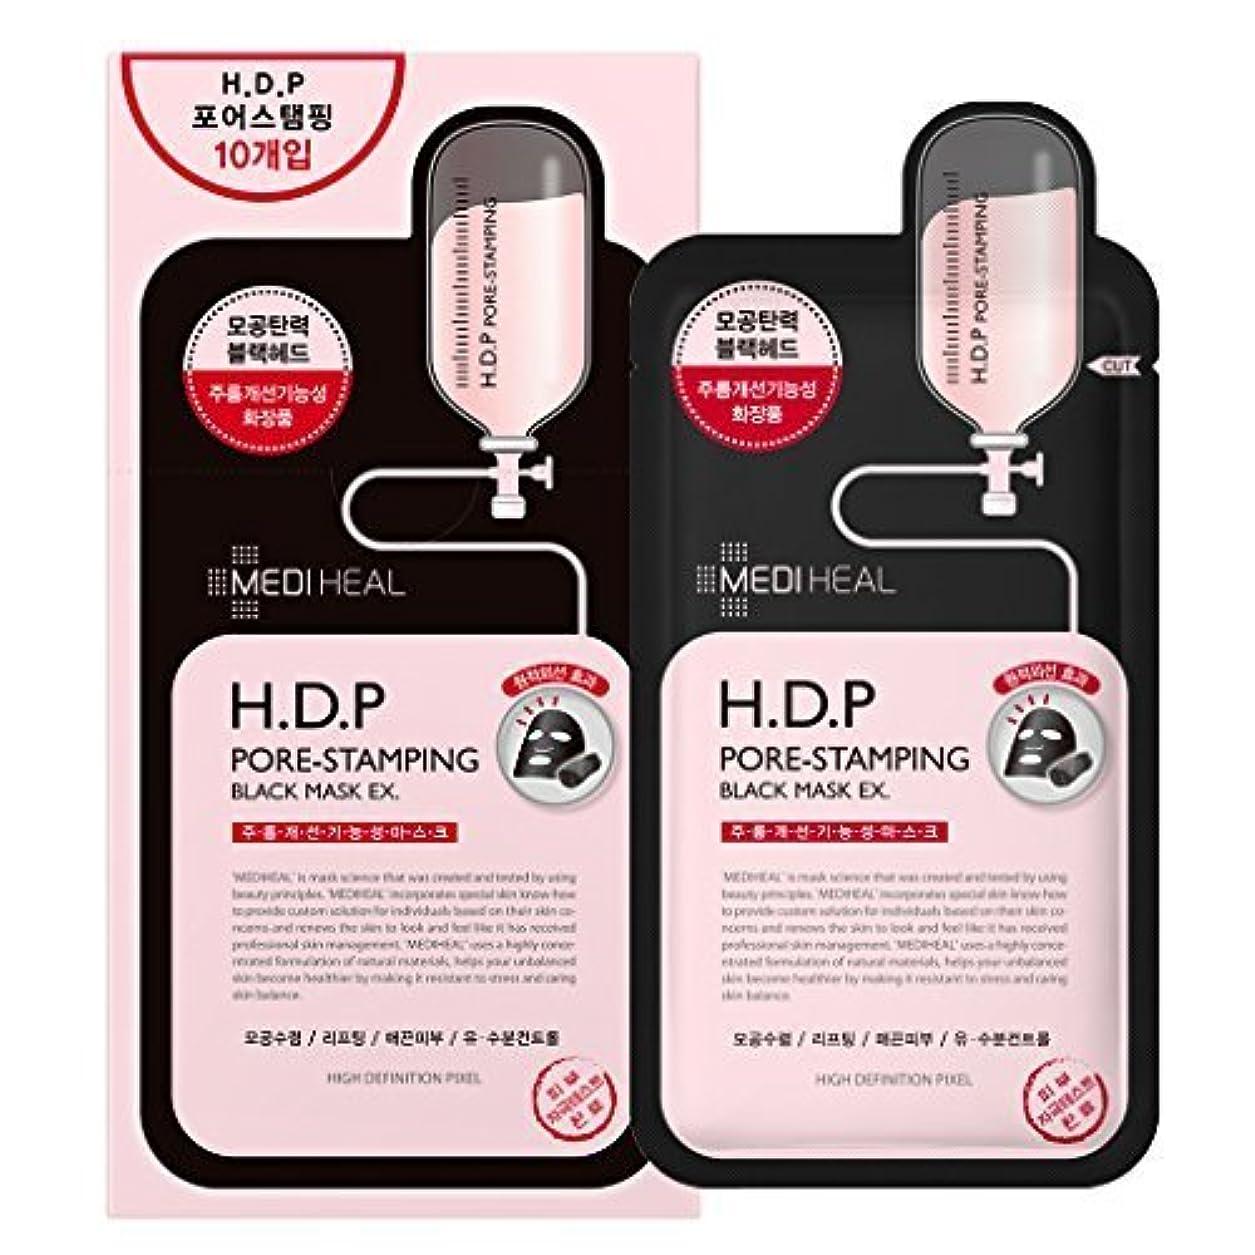 煙消す過度にMediheal H.D.P 毛穴スタンプ炭ミネラルマスク Pore stamping Charcoal mineral mask (10枚) [並行輸入品]